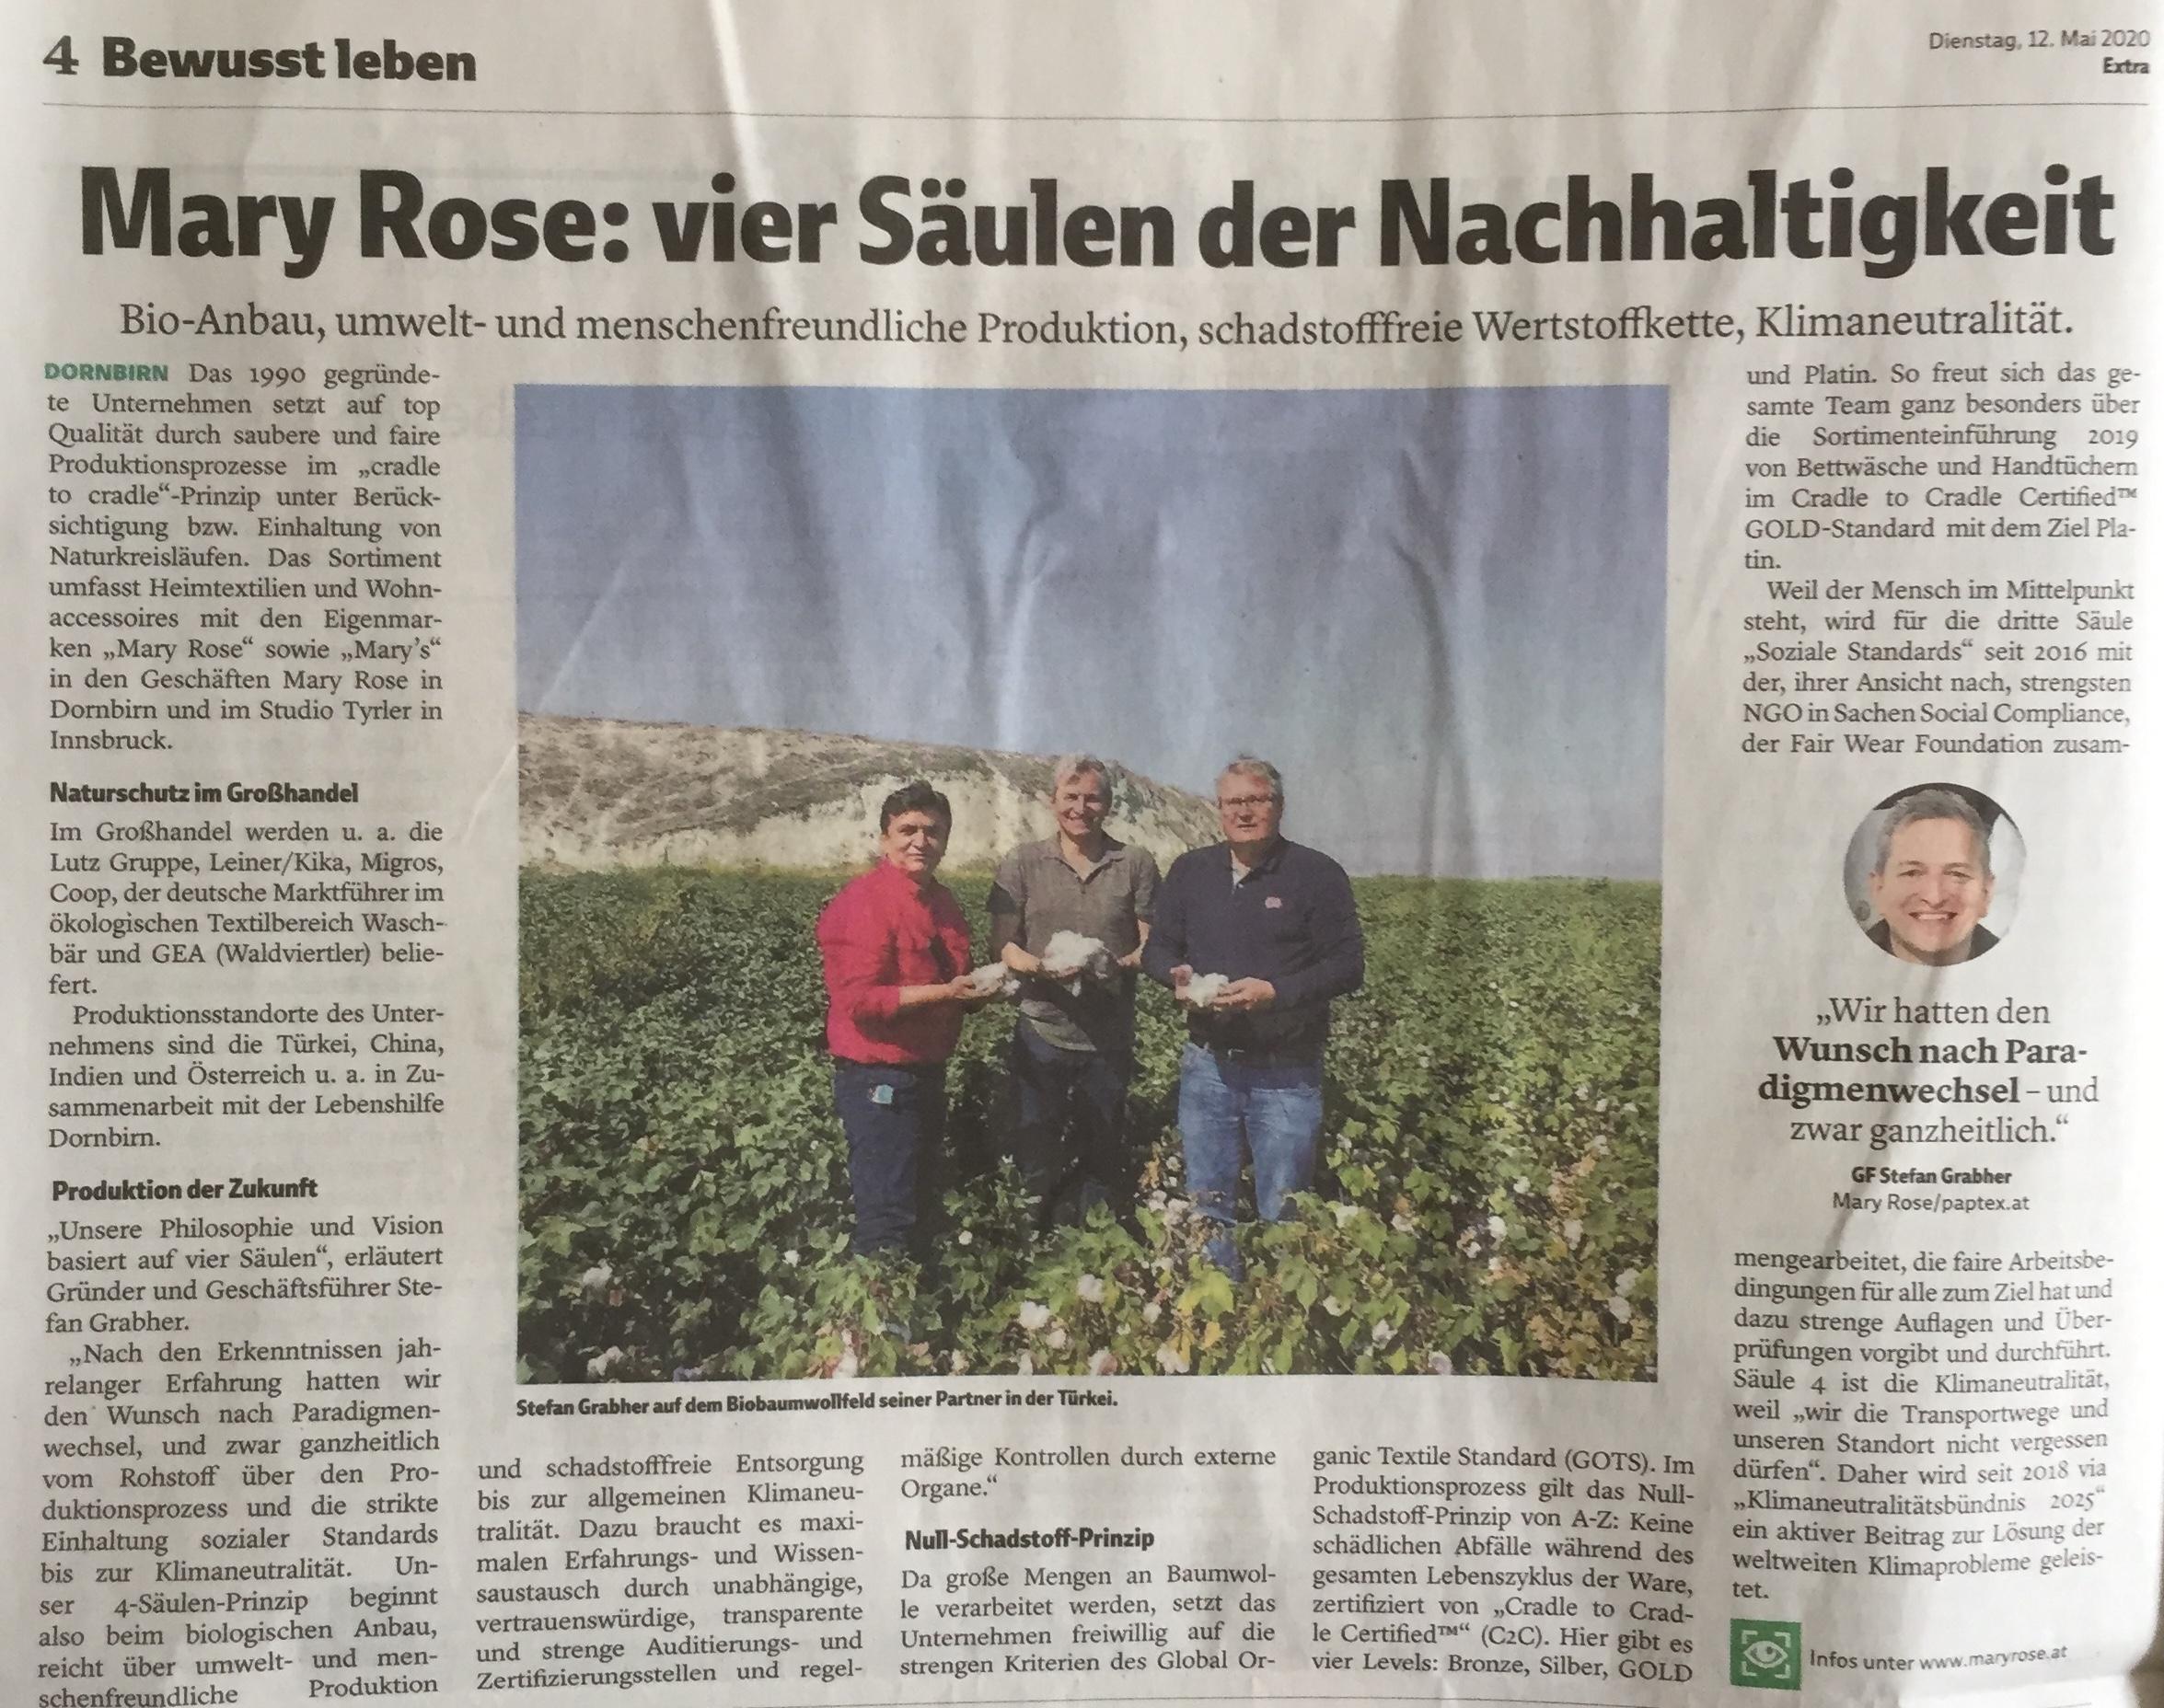 """Mary Rose/Tyrler/Paptex-GF Stefan Grabher: """"Wir hatten den Wunsch nach Paradigmenwechsel - und zwar ganzheitlich!"""" www.mary-rose.at, Verena Daum www.progression.at"""